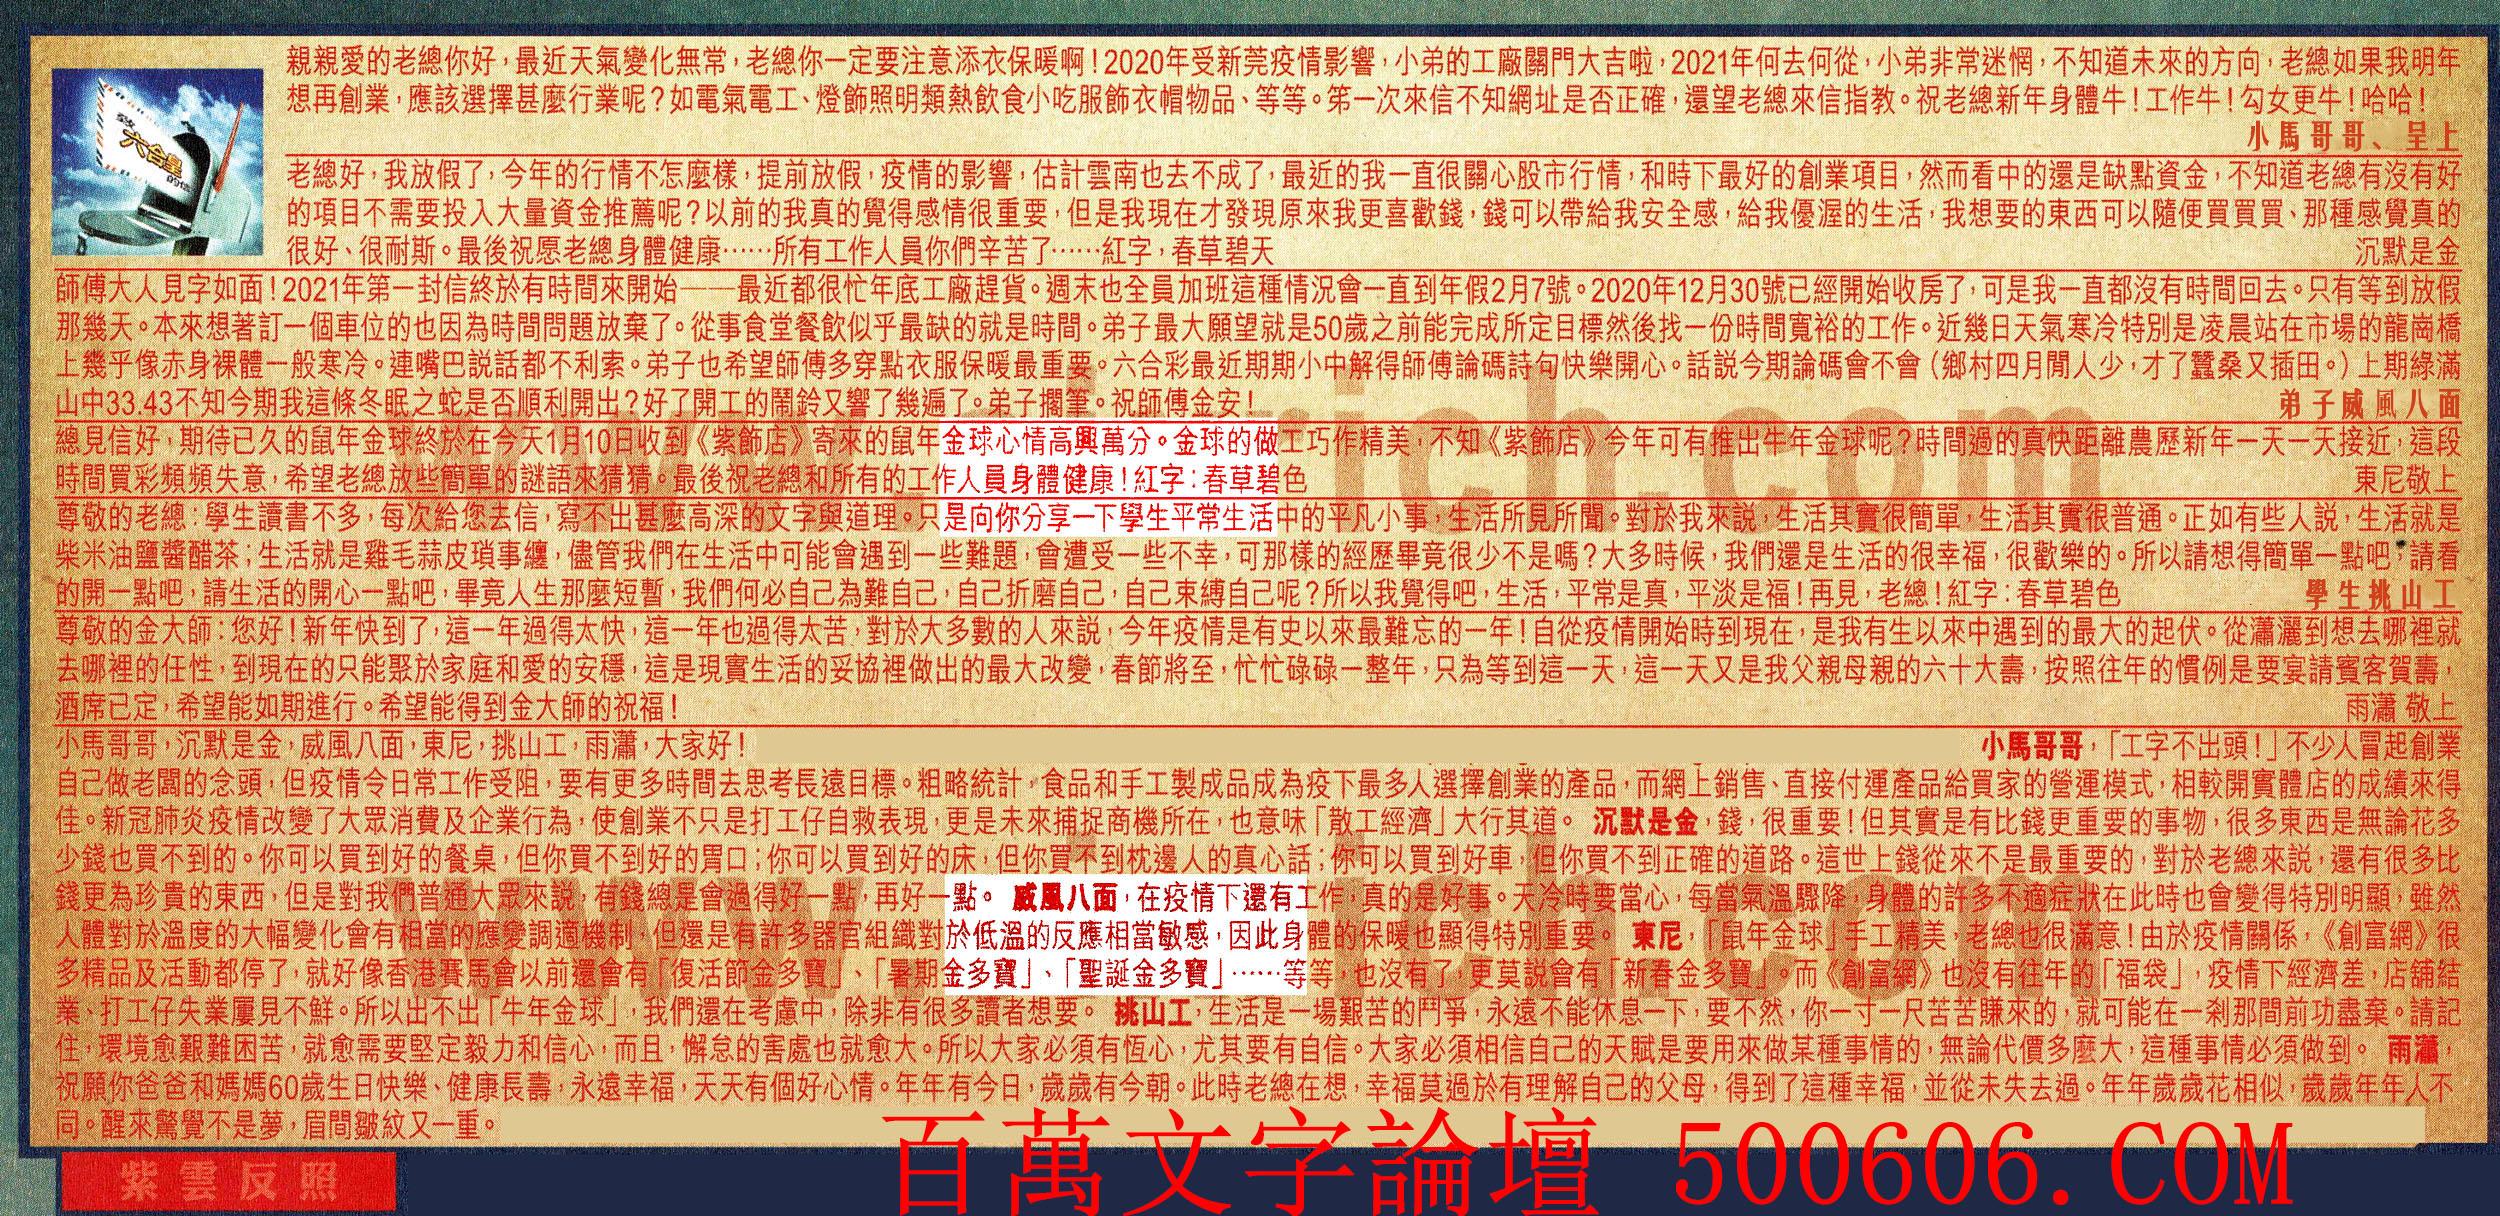 005期:彩民推荐六合皇信箱(�t字:紫�反照)_005期开奖结果:42-41-45-04-24-39-T06羊/绿/金